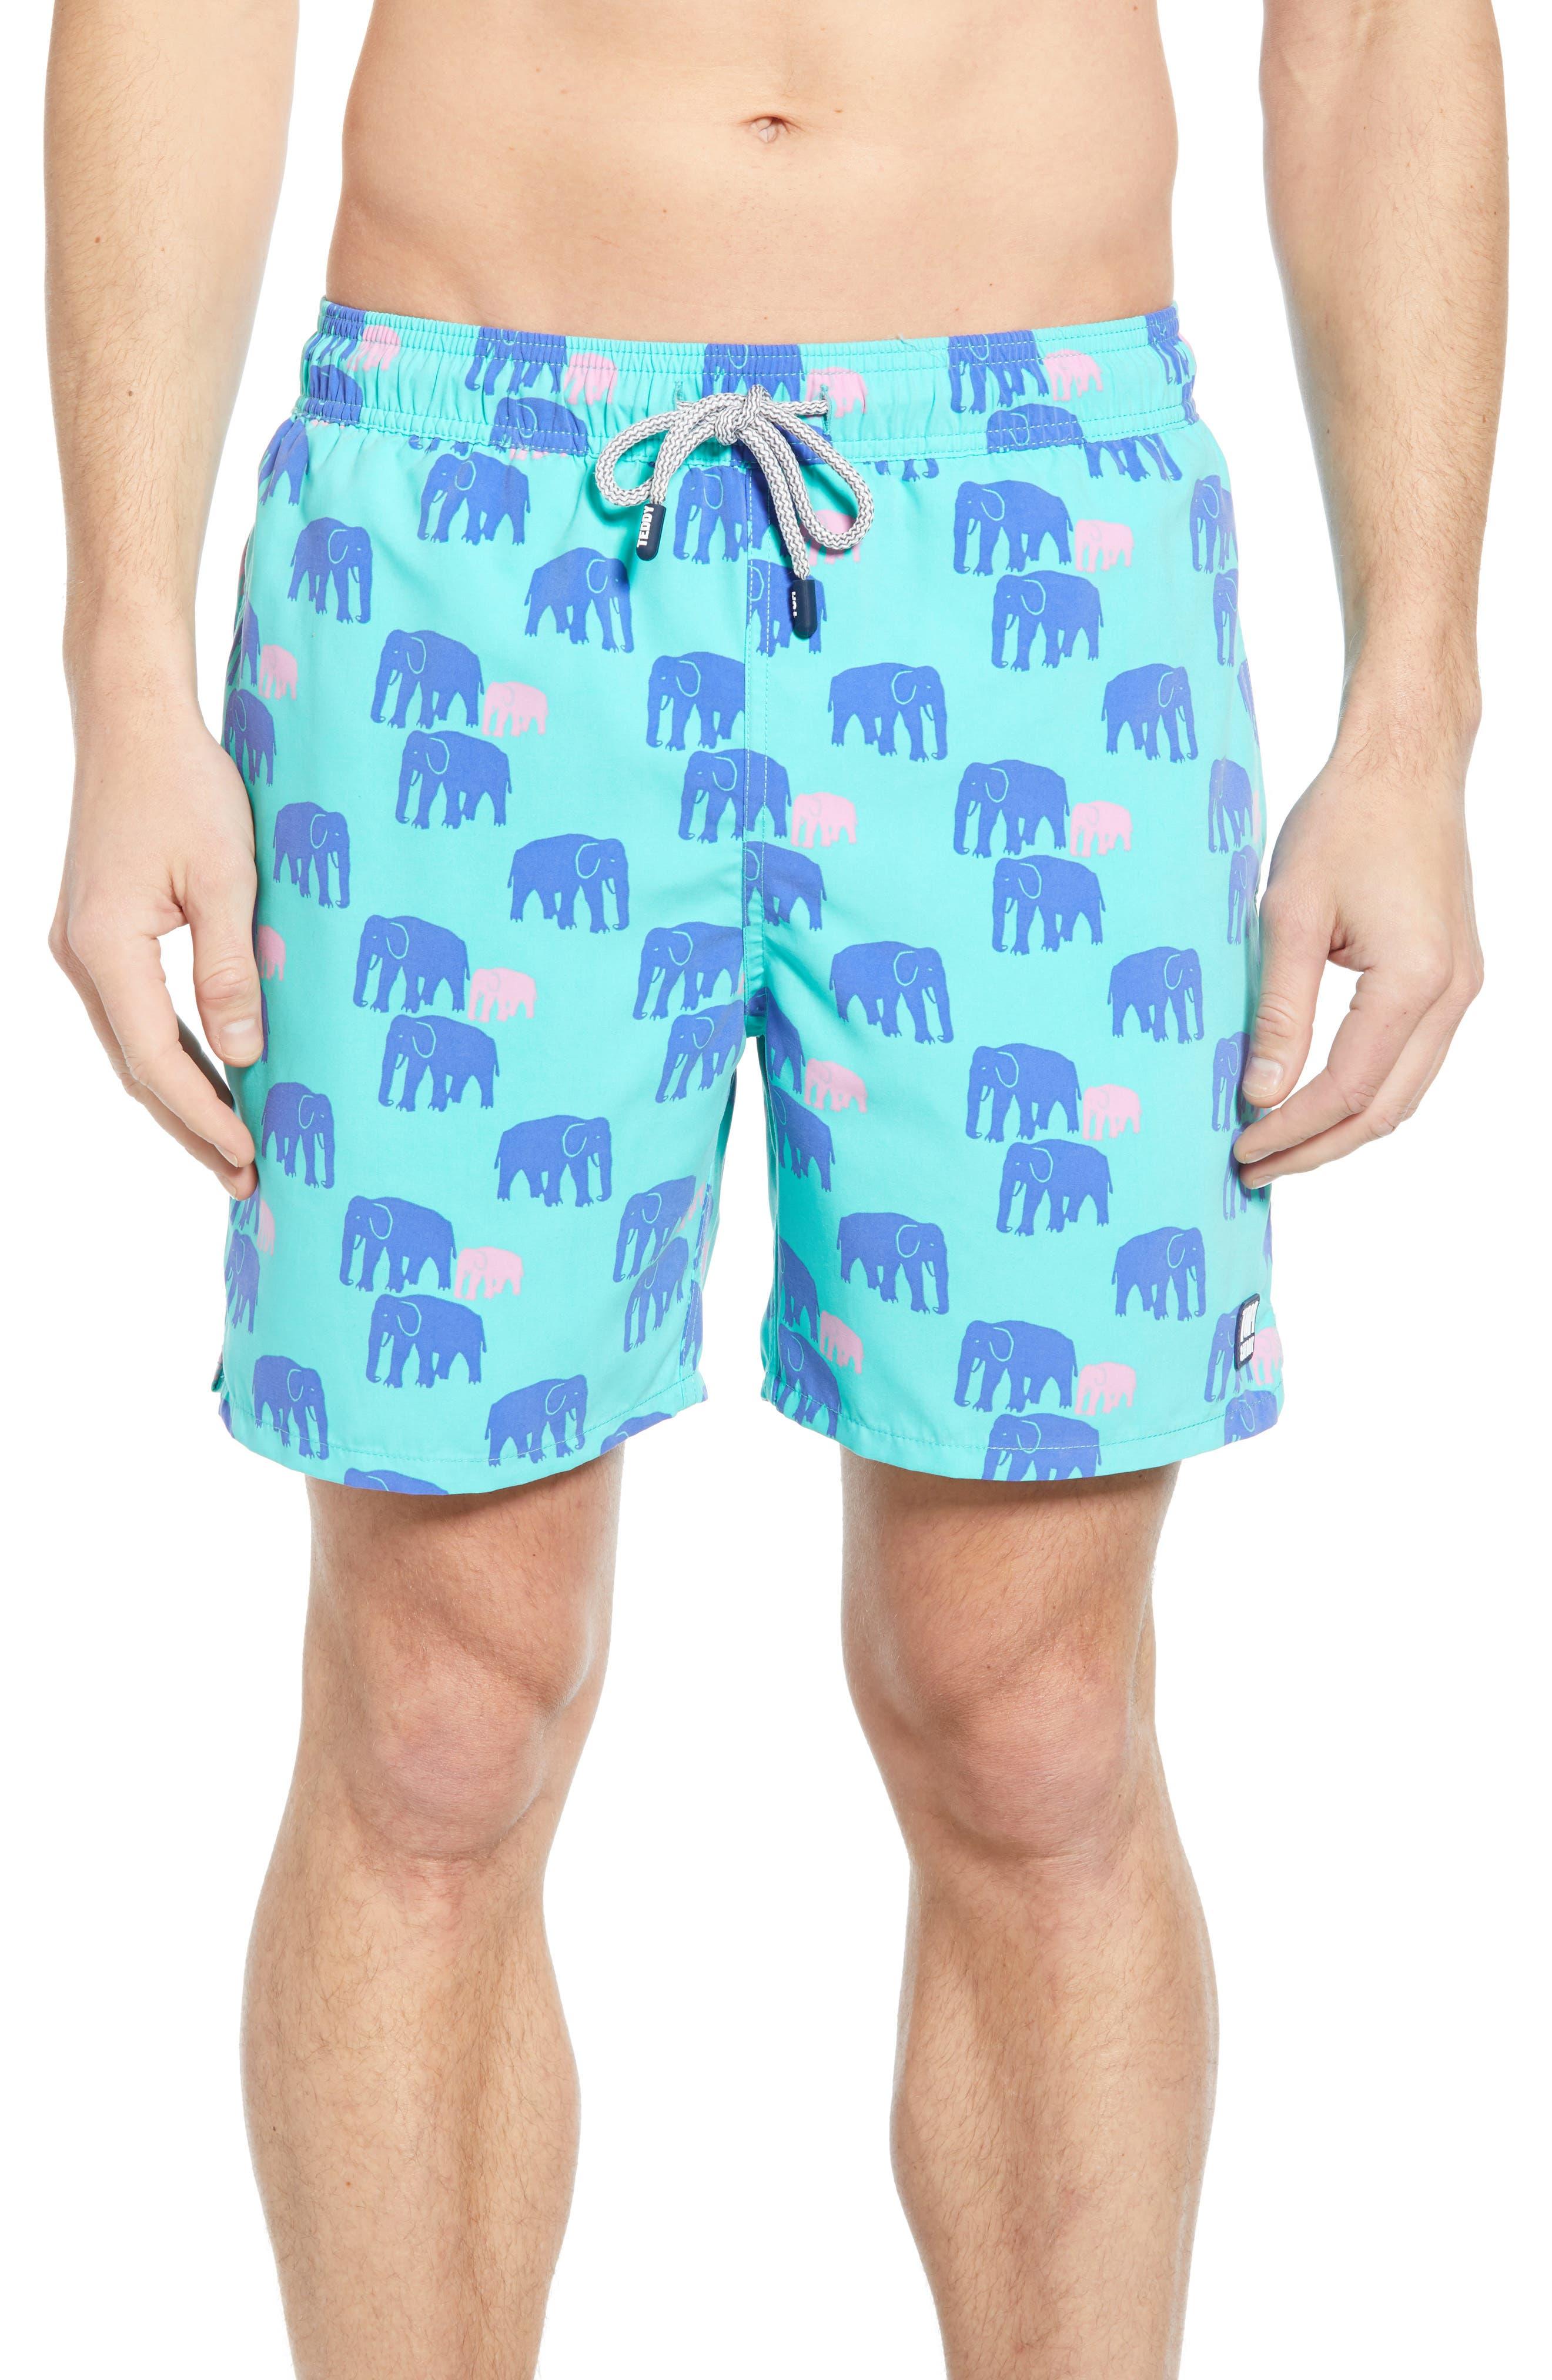 Tom & Teddy Elephant Print Swim Trunks, Green